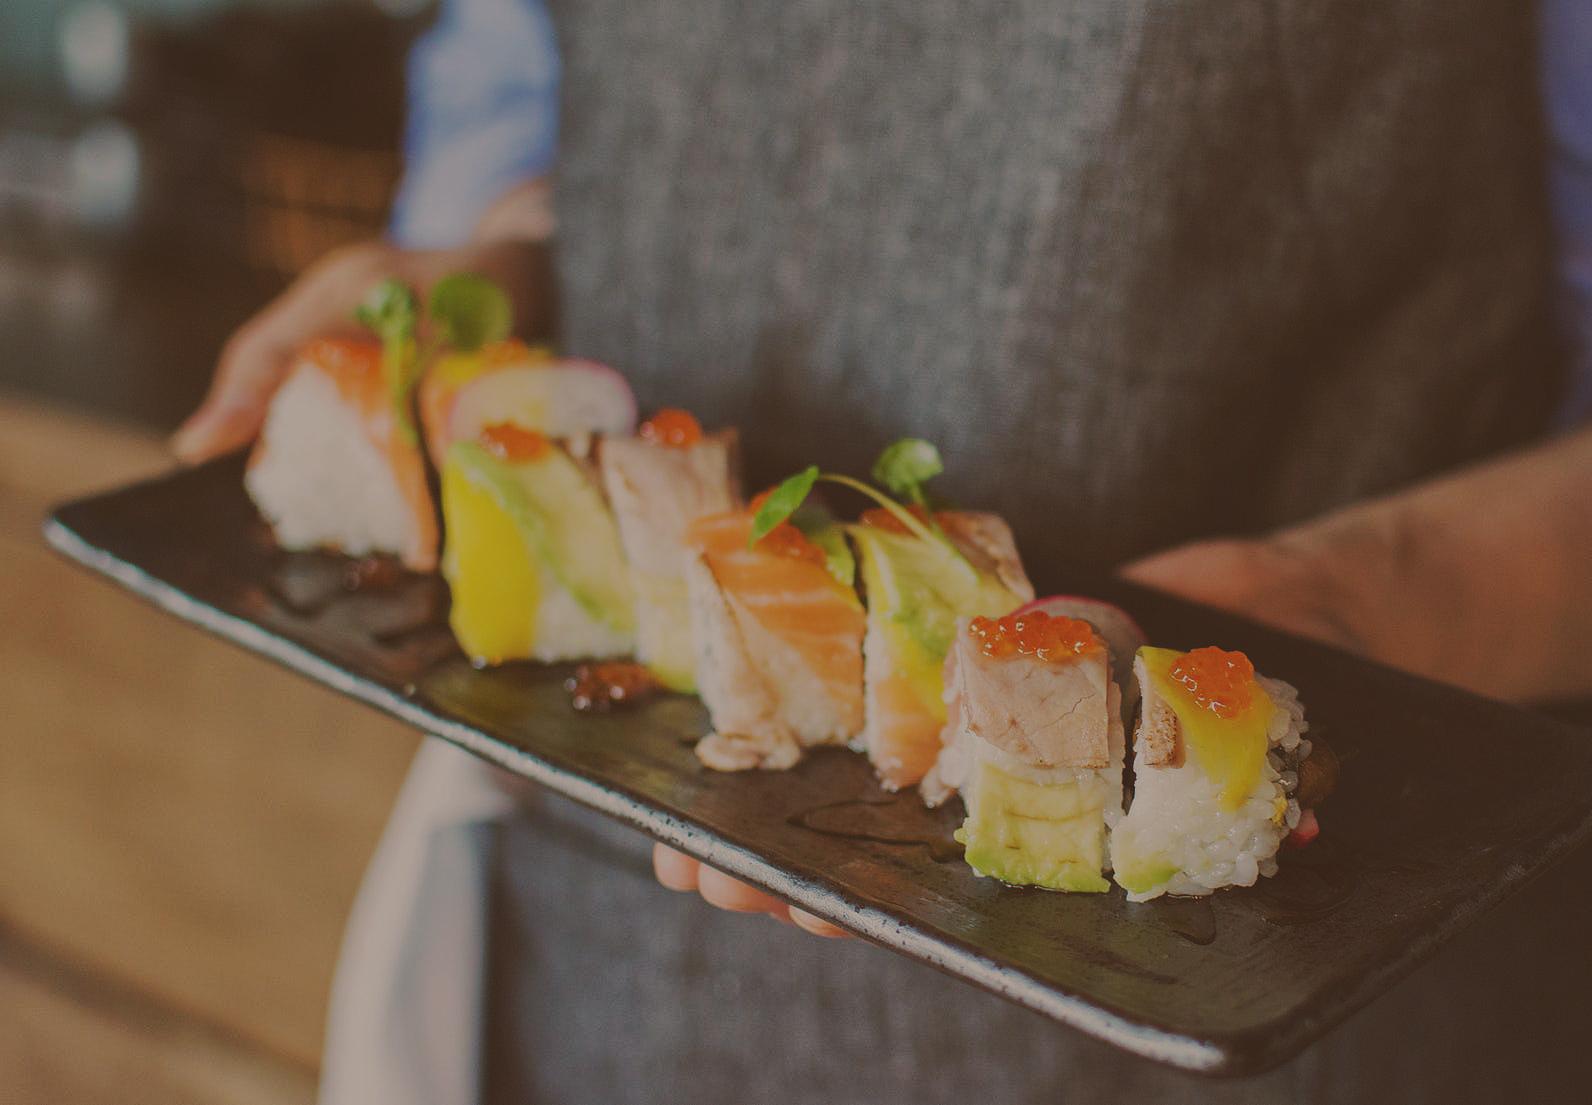 Akioni S Catering Åbningstider spar 20% rabat når du bestiller take away via vores hjemmeside. akioni s catering